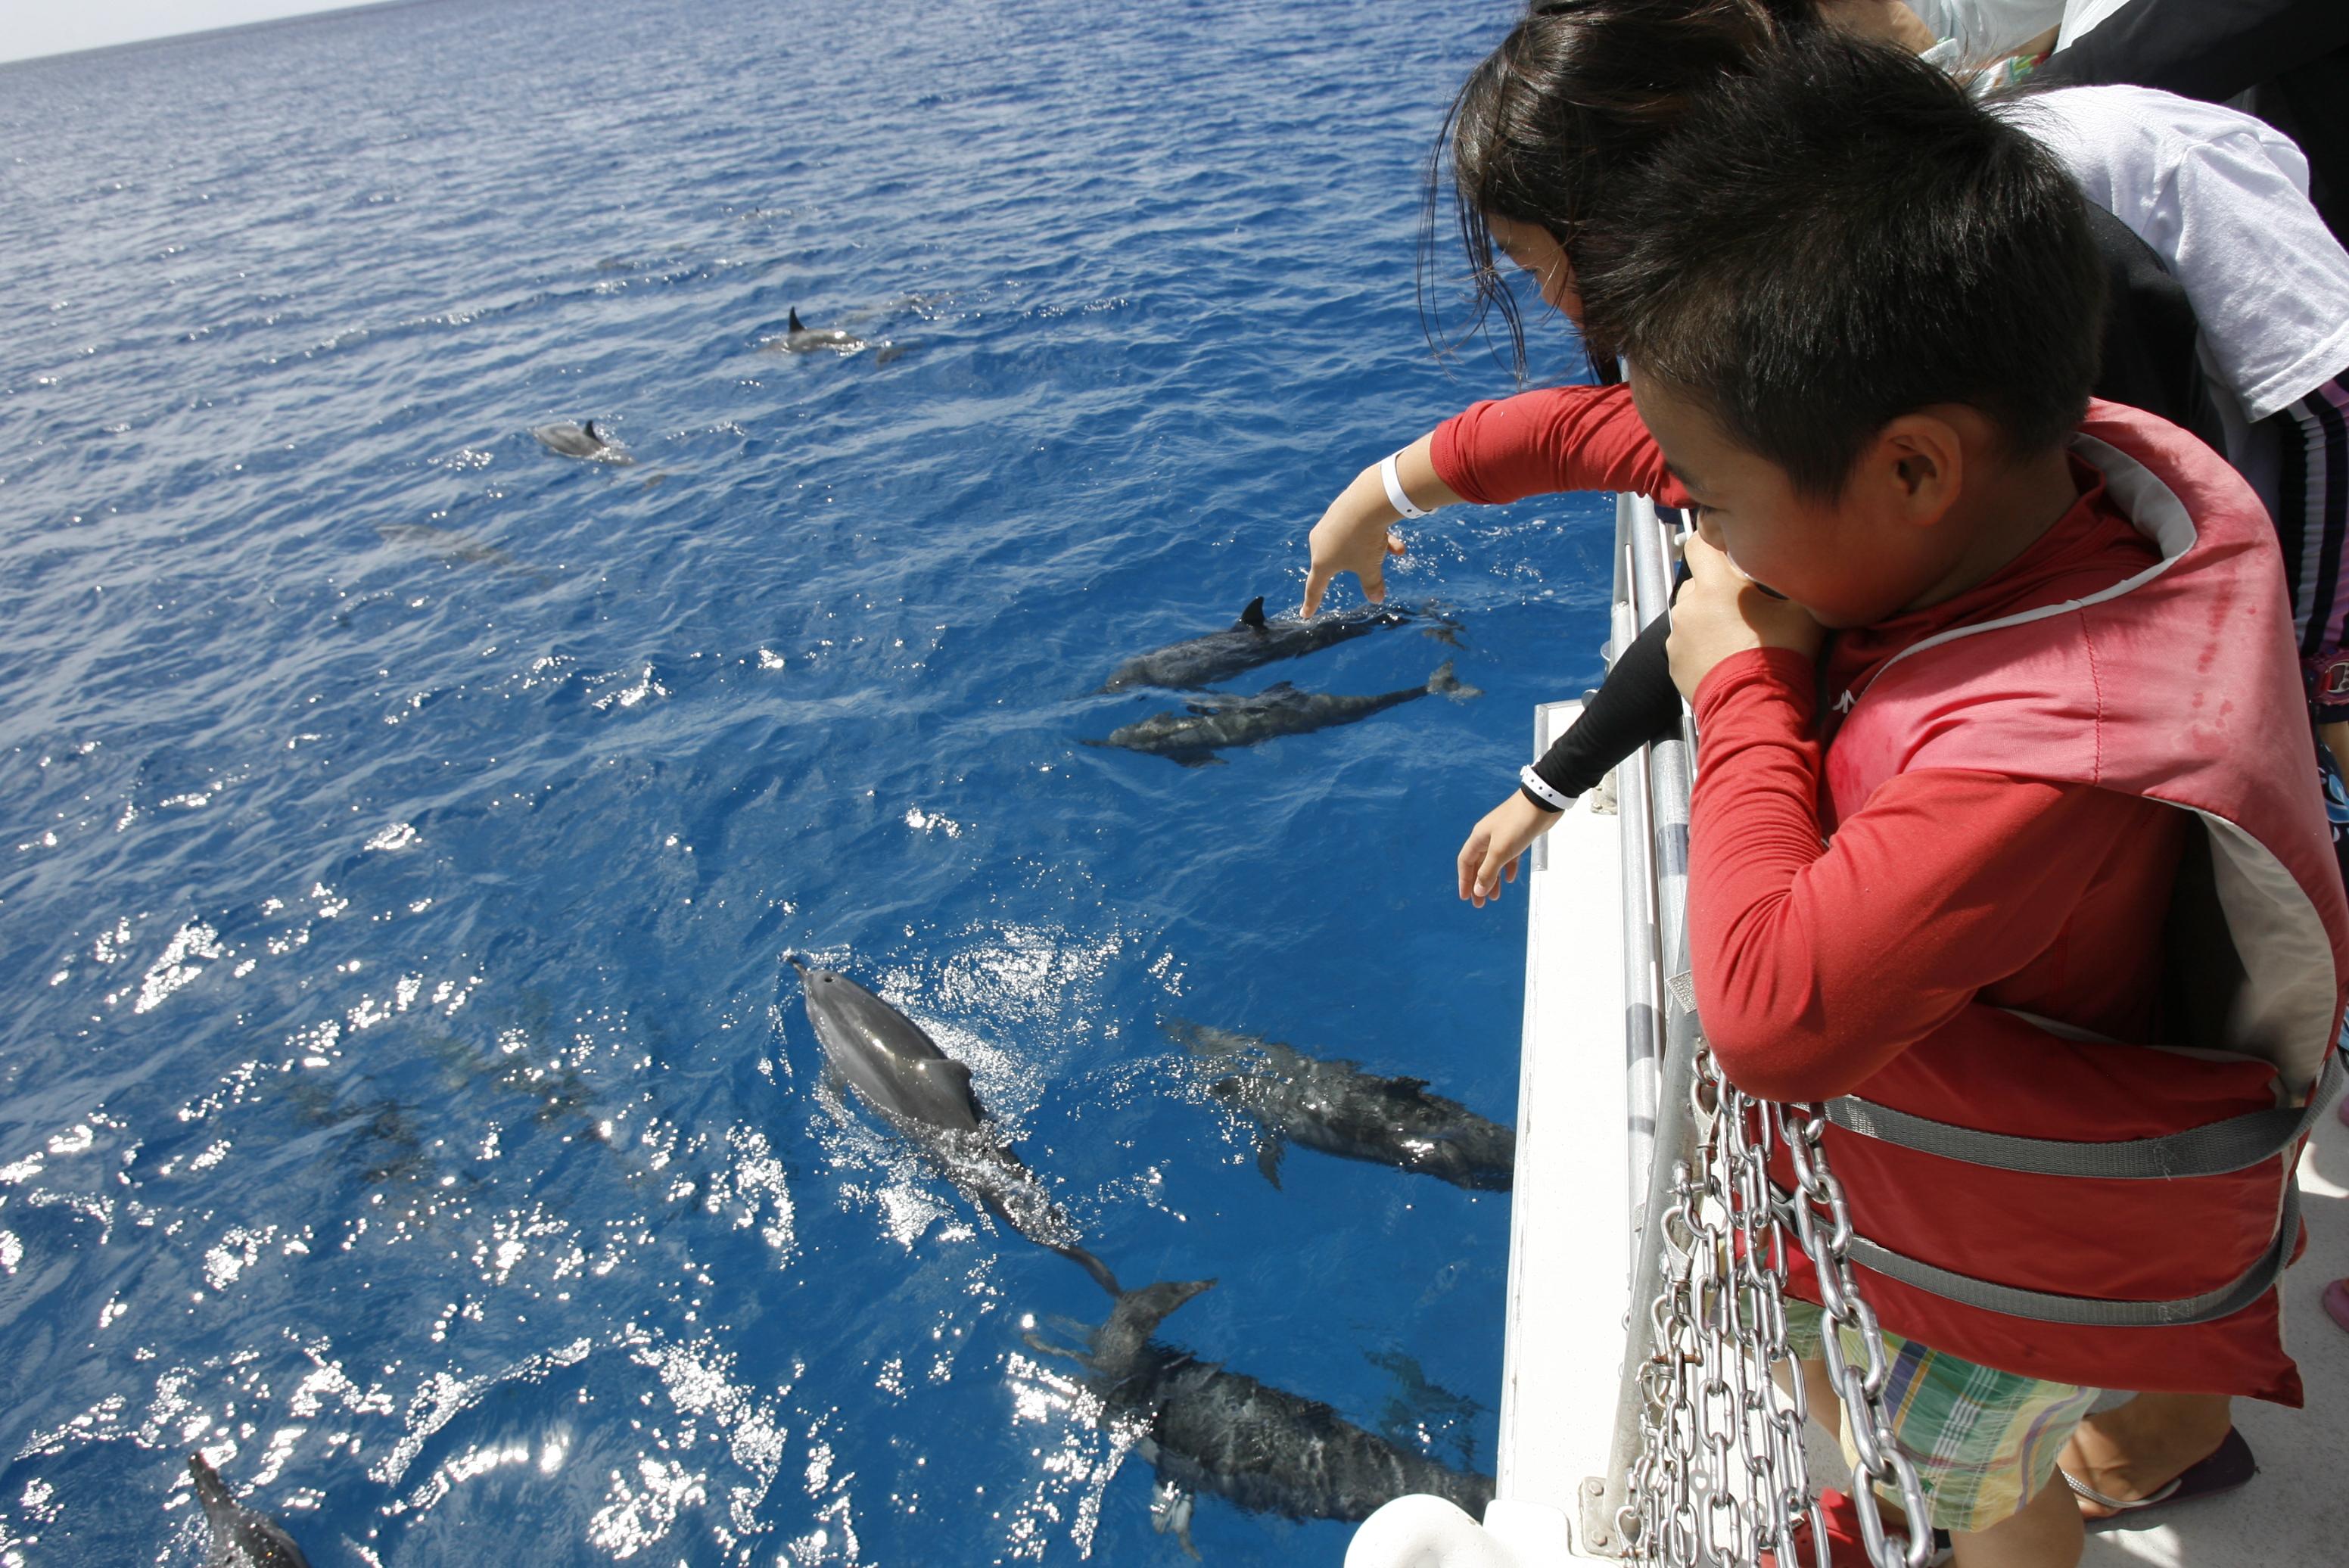 イルカの出現に大興奮の子供達。目の前すぐそばに大群が現れることもたびたび